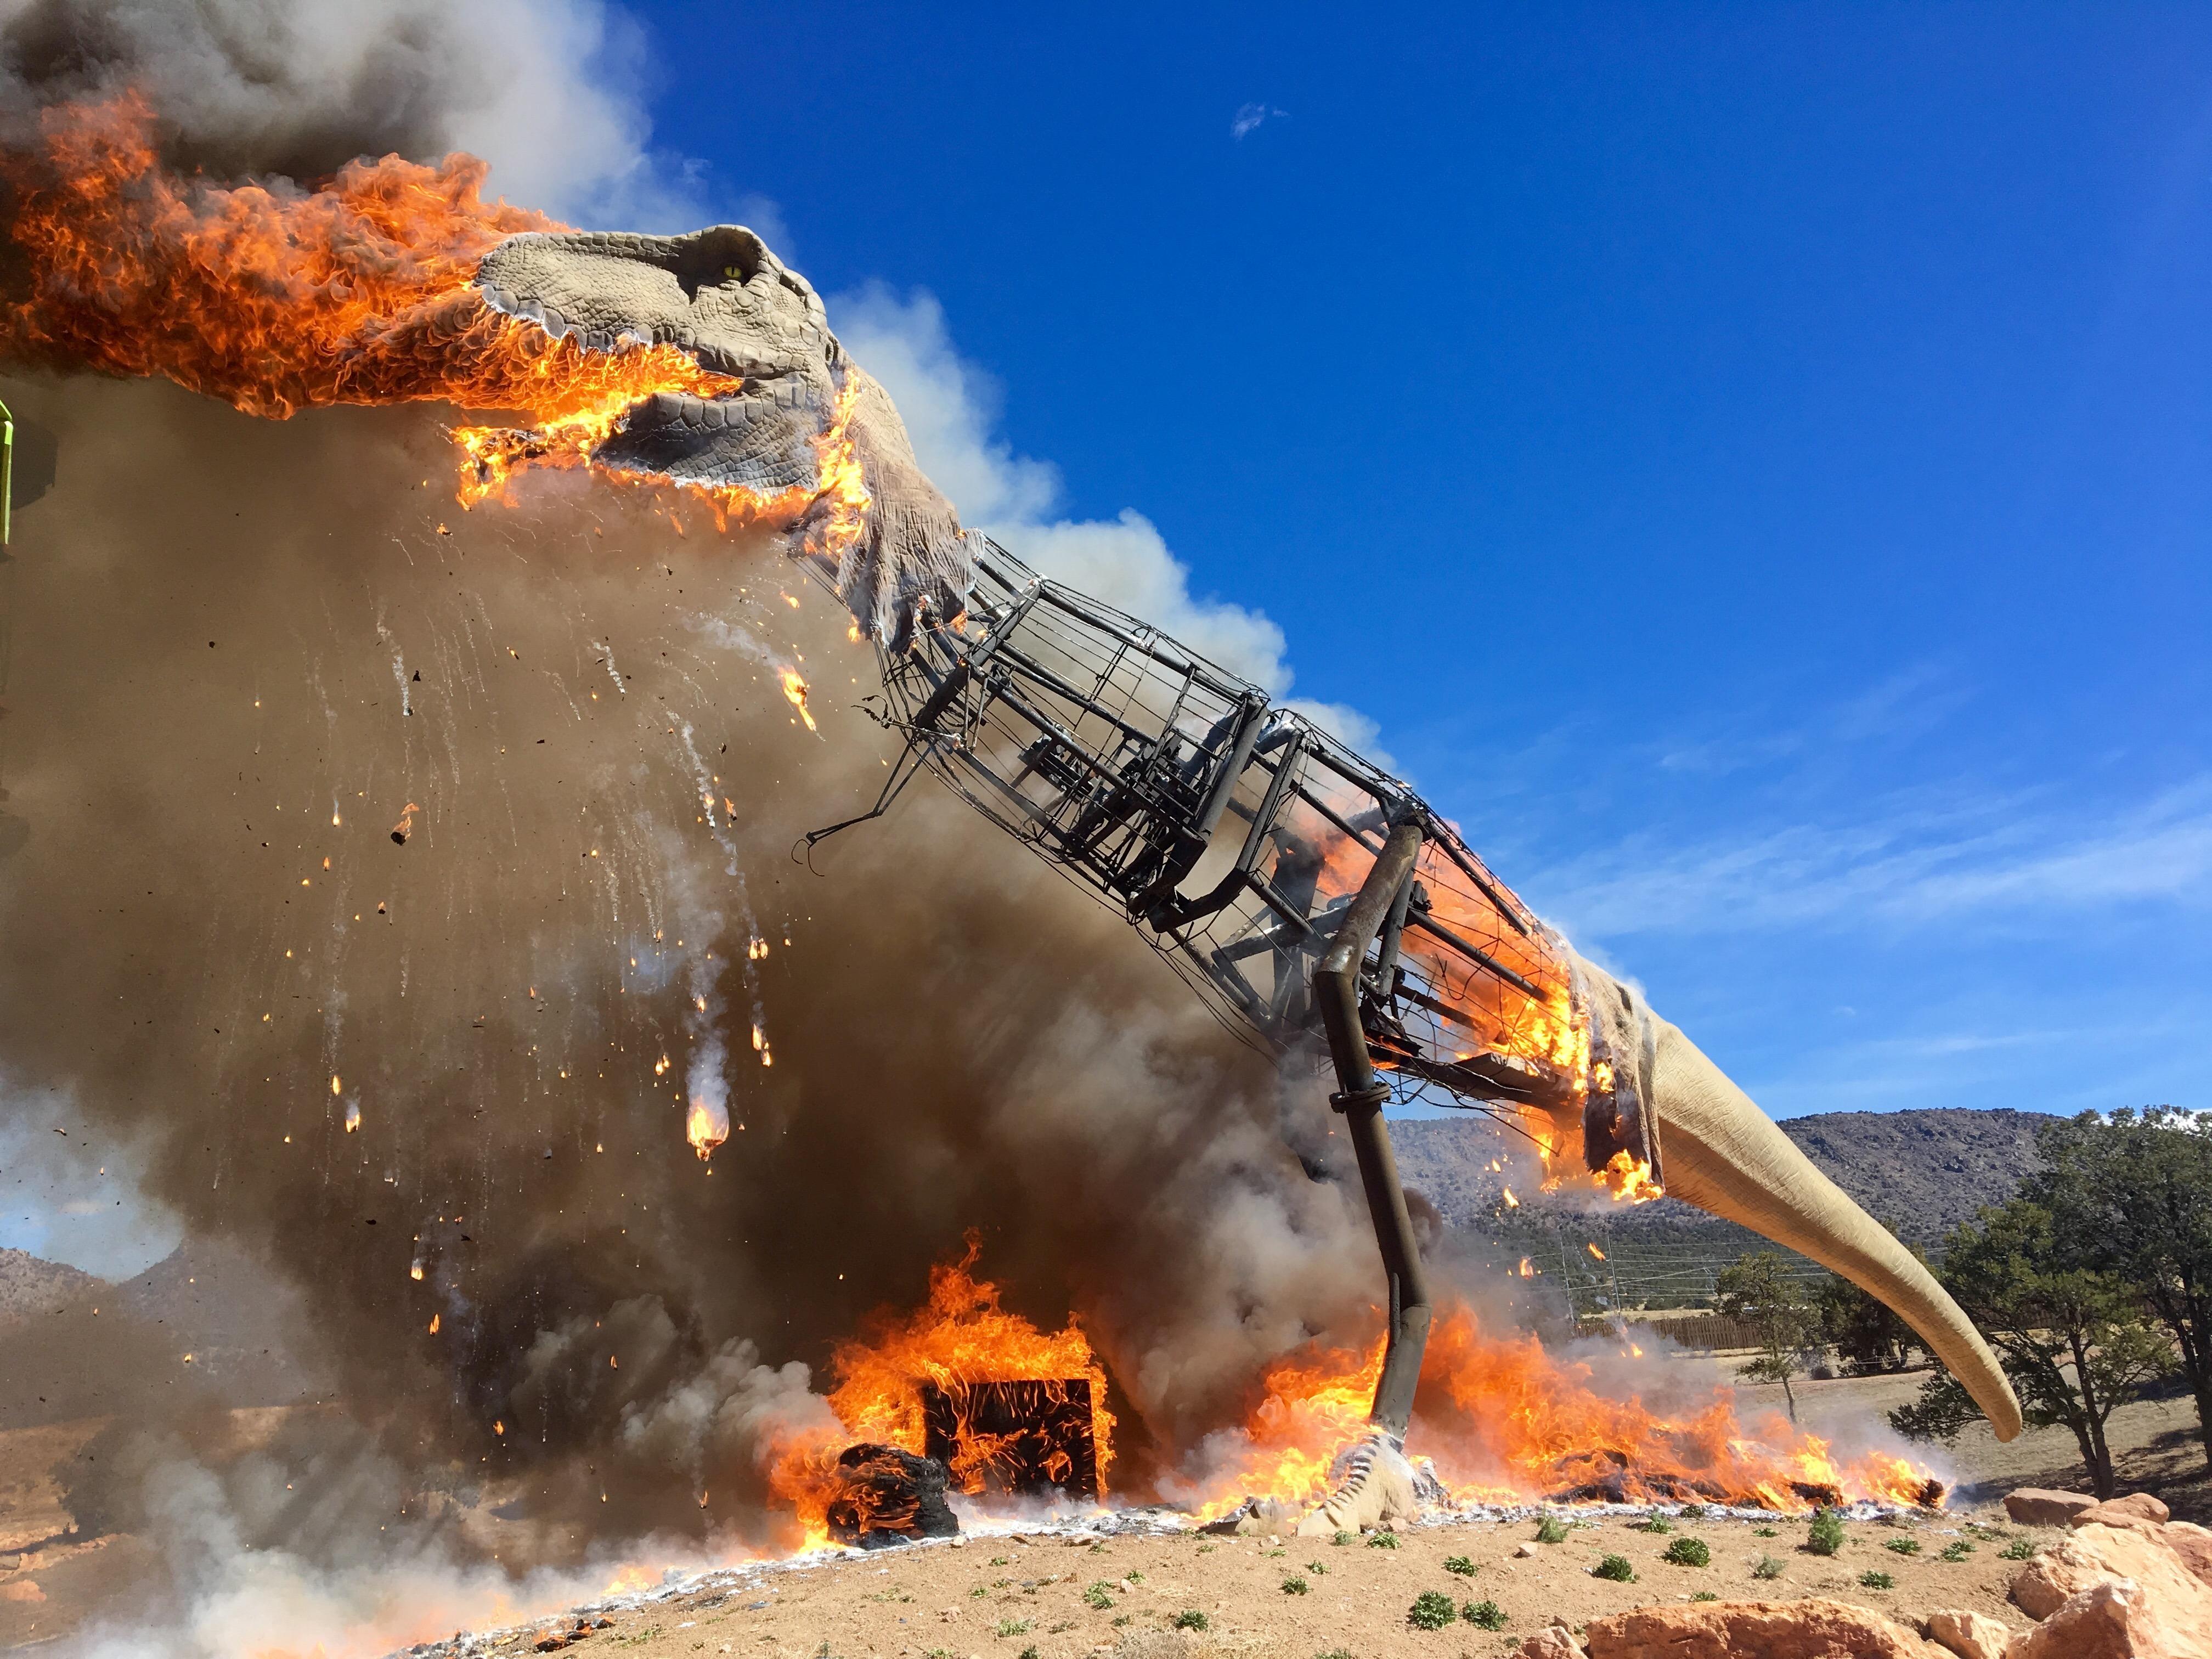 Roaring fire takes down Royal Gorge Dinosaur's T-Rex